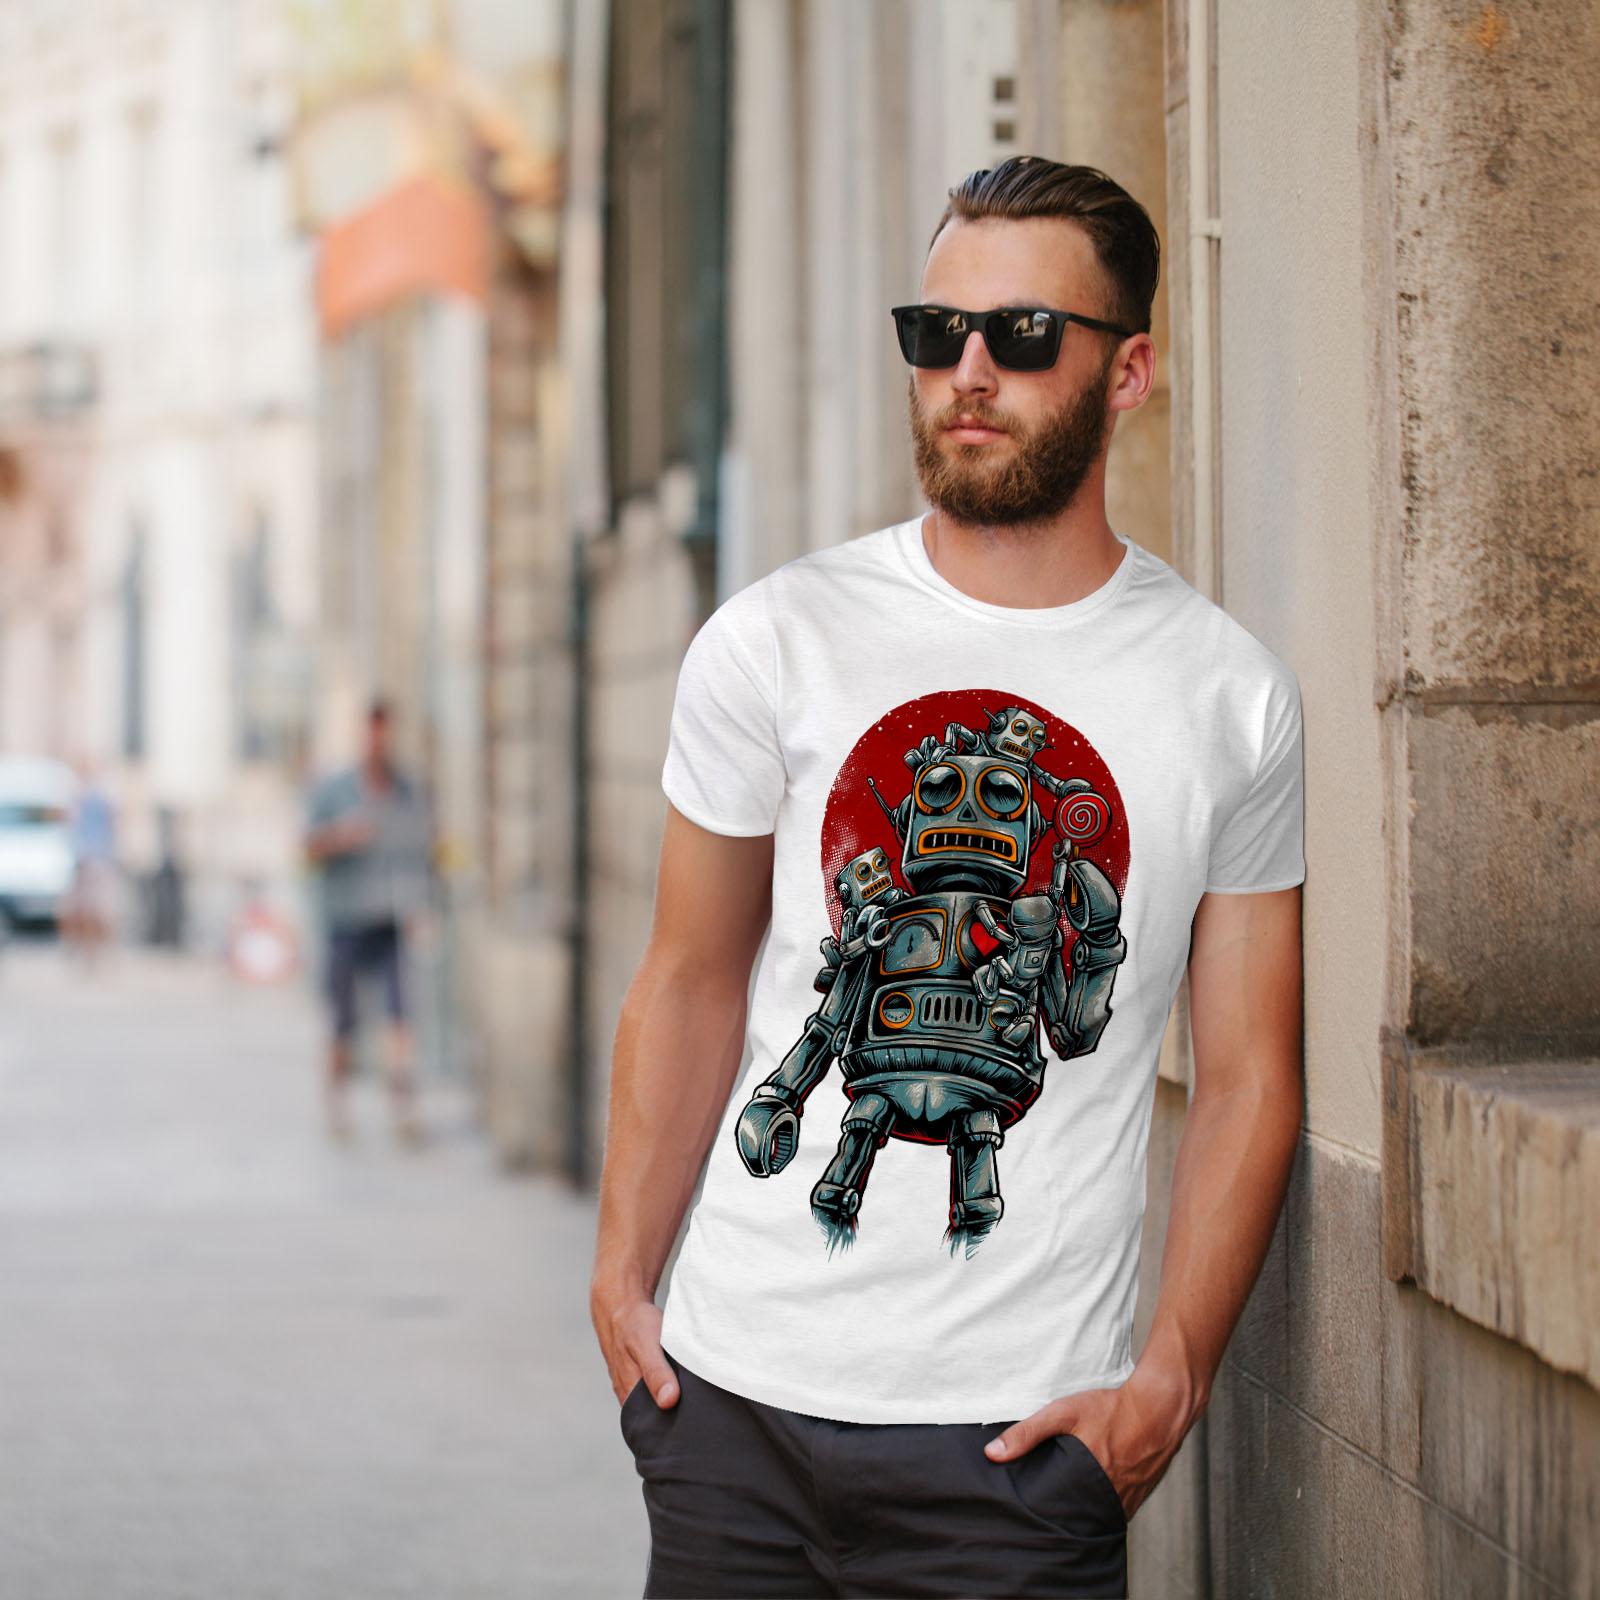 0 Graphic Design Stampato Tee Wellcoda ROBOT Sole Rosso Moda Da Uomo T-shirt